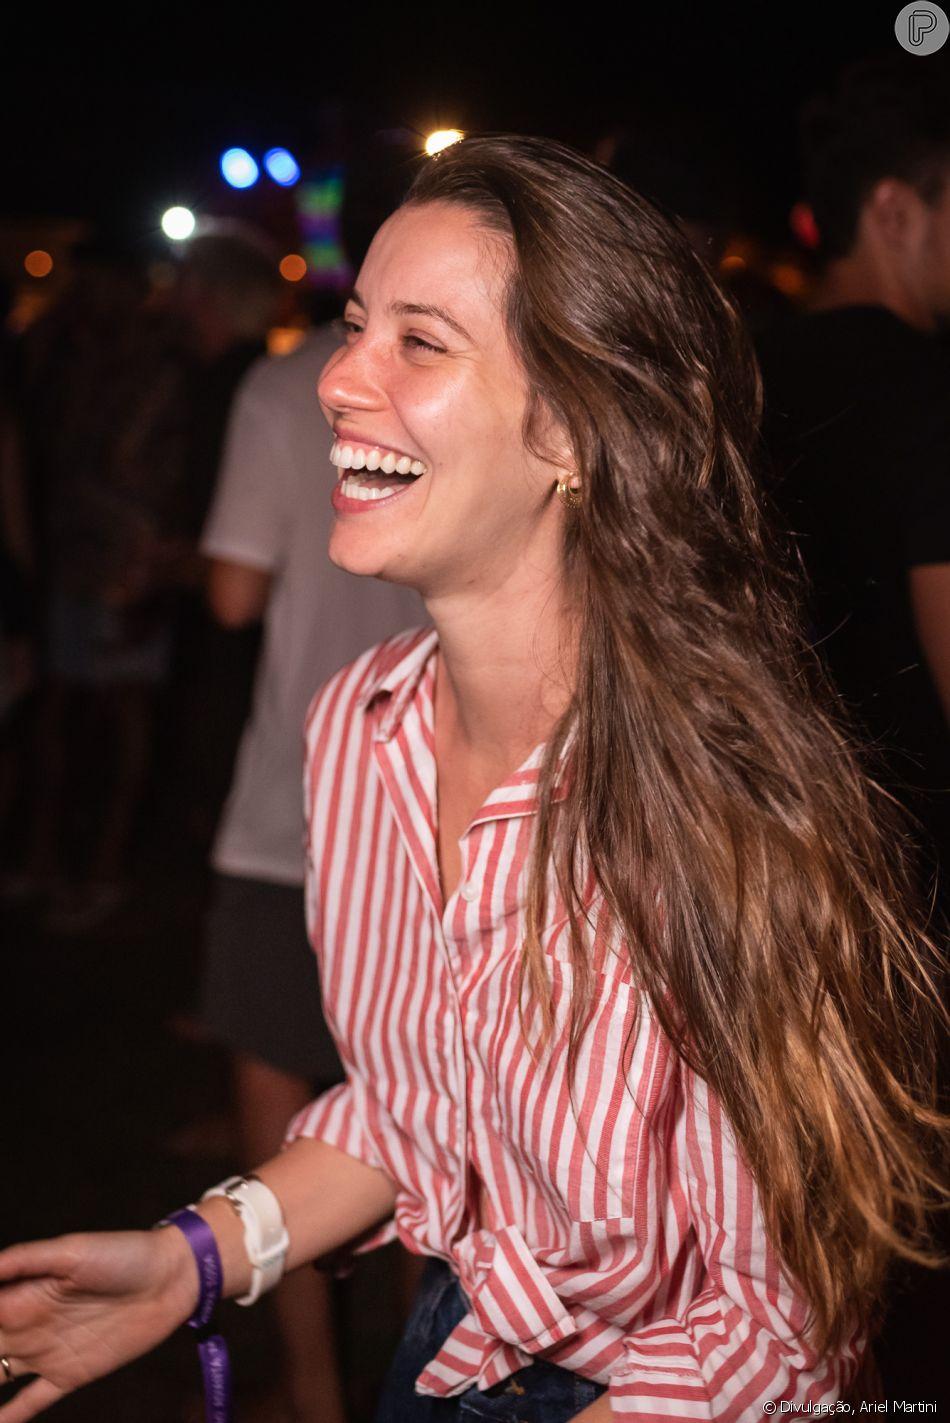 Nathalia Dill inspira com blusa de botão com listras coloridas de linho para festa; atriz apostou no visual com amarração para deixar visual mais alegre